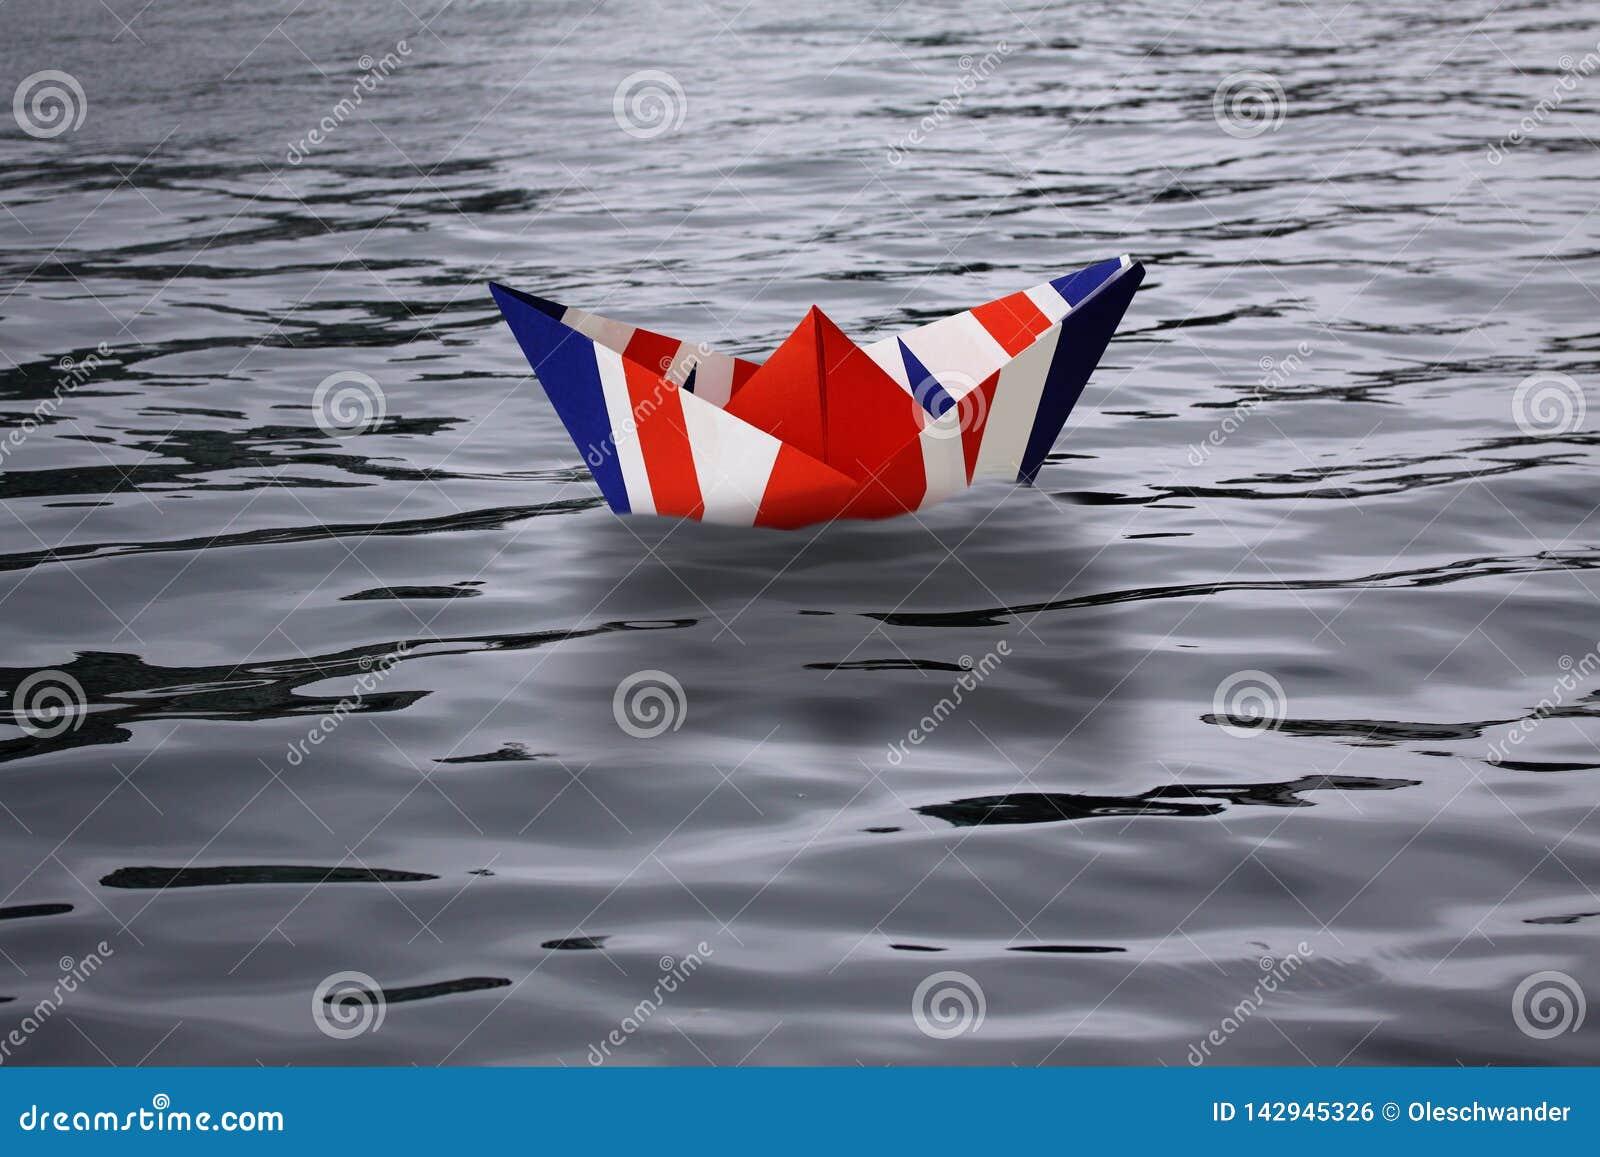 Ηνωμένο Βασίλειο που πλέει μόνο στη θάλασσα όπως ένα σκάφος εγγράφου κάνω ως αγγλική σημαία Union Jack - έννοια Brexit που παρουσ